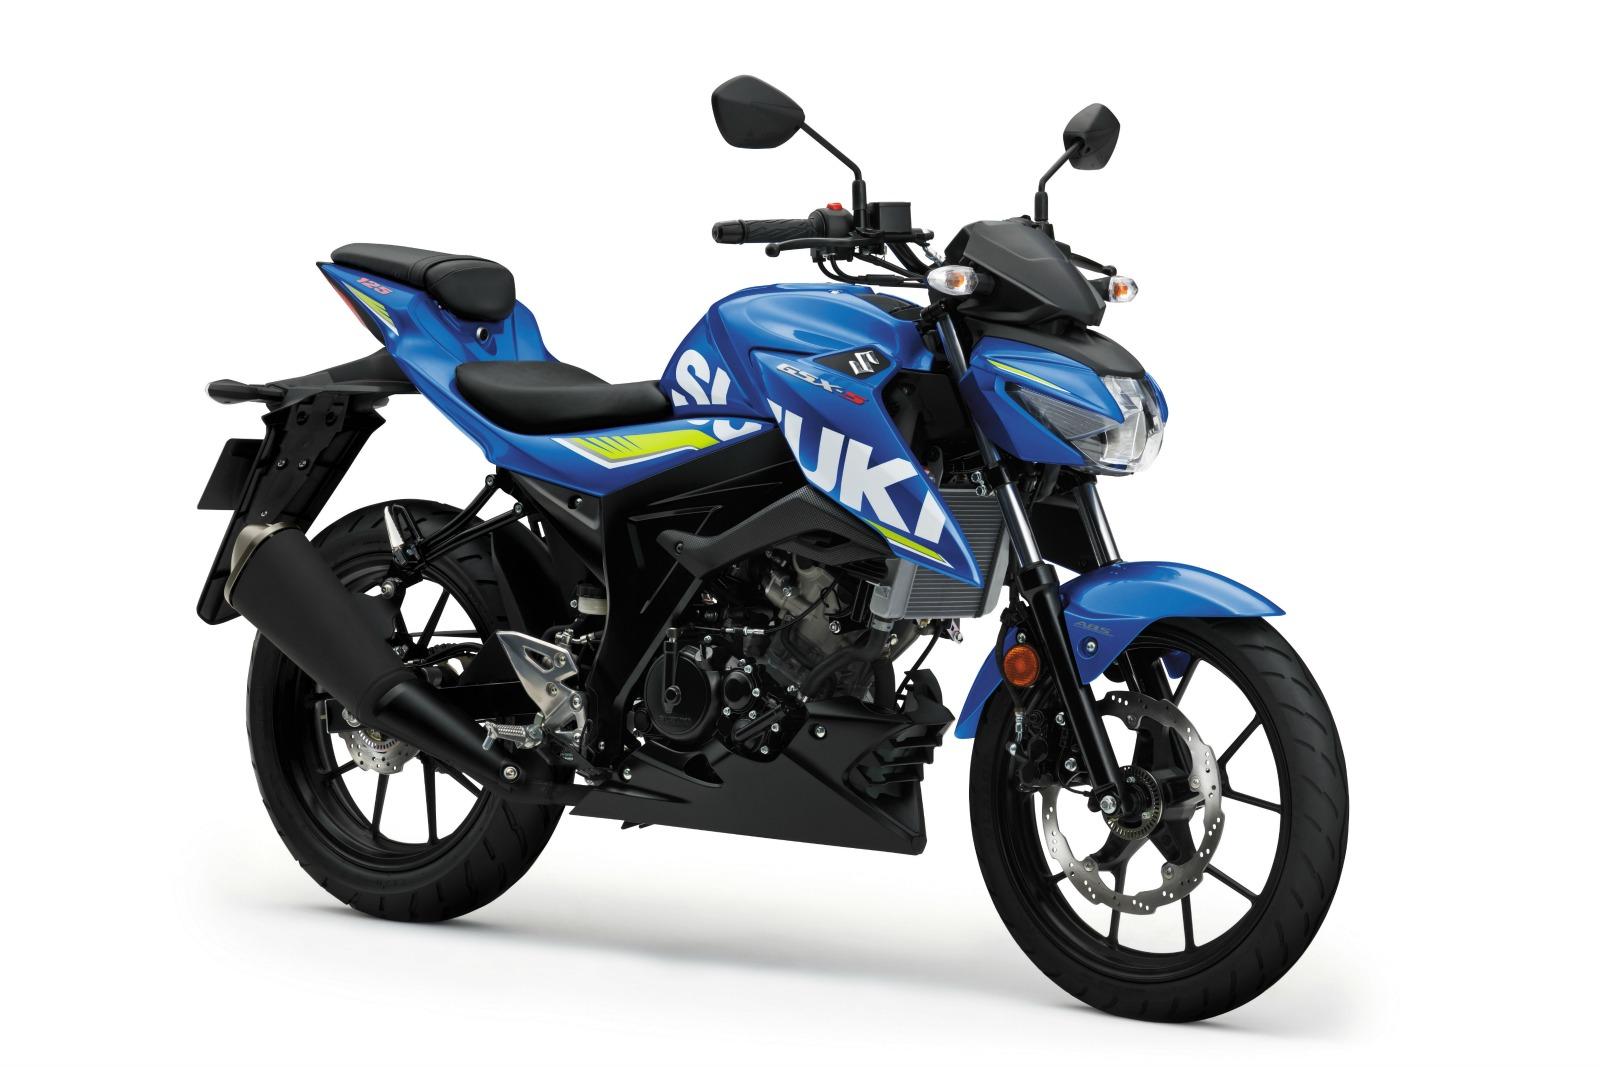 Suzuki Gsx S125